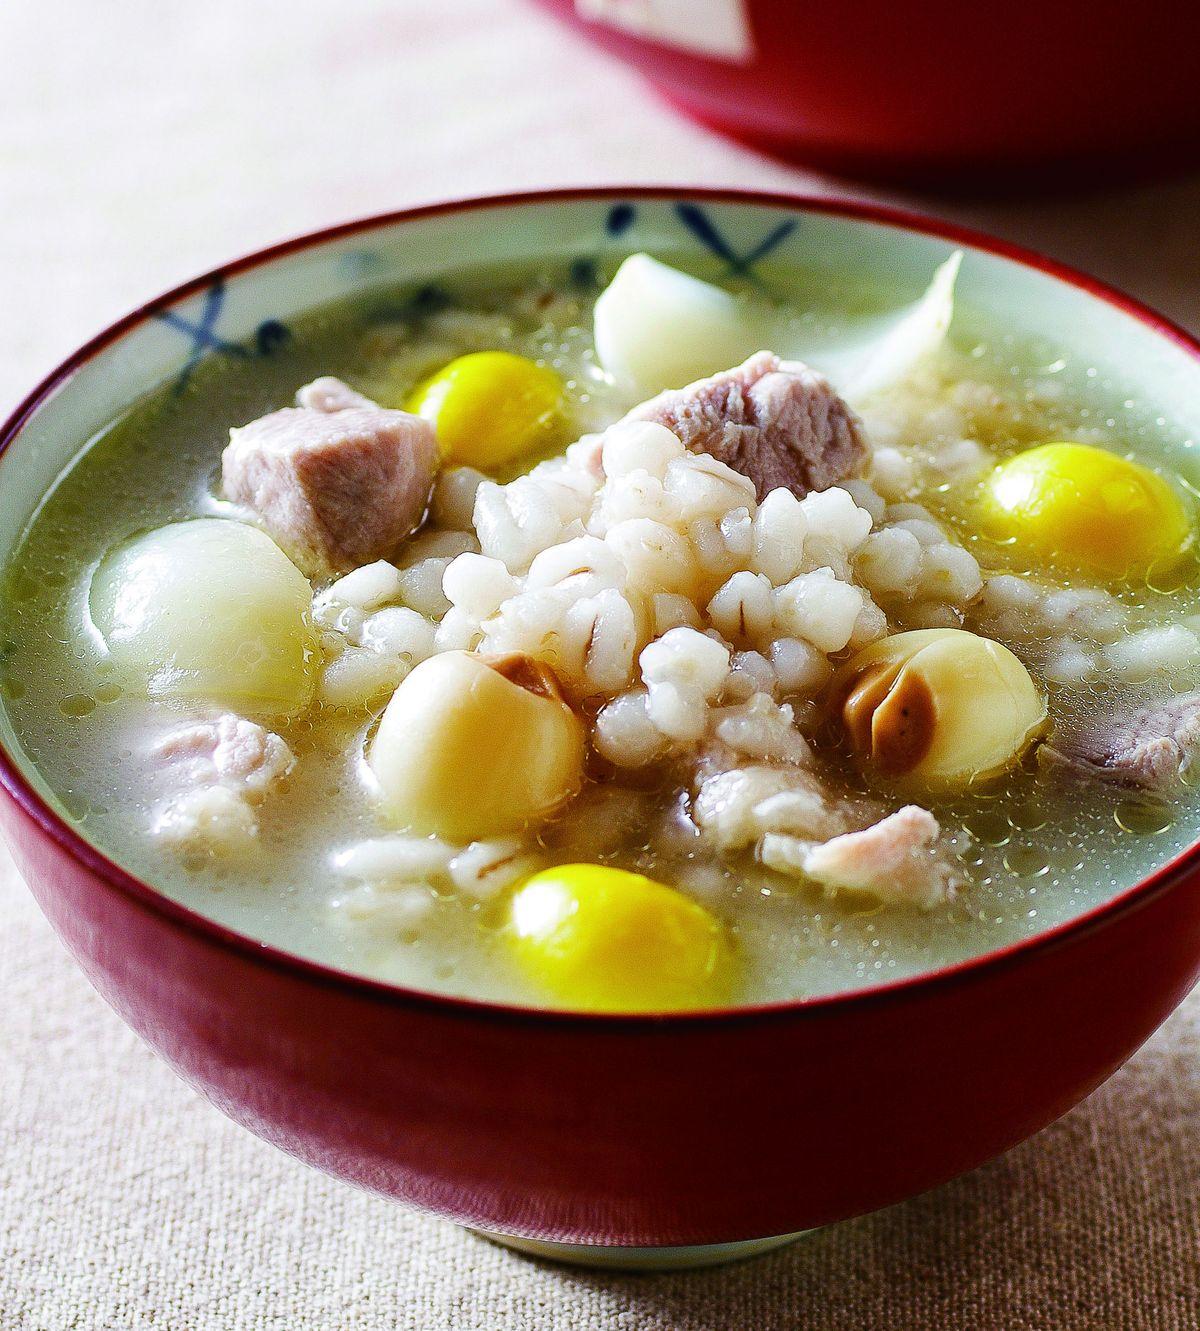 食譜:百合蓮子粥